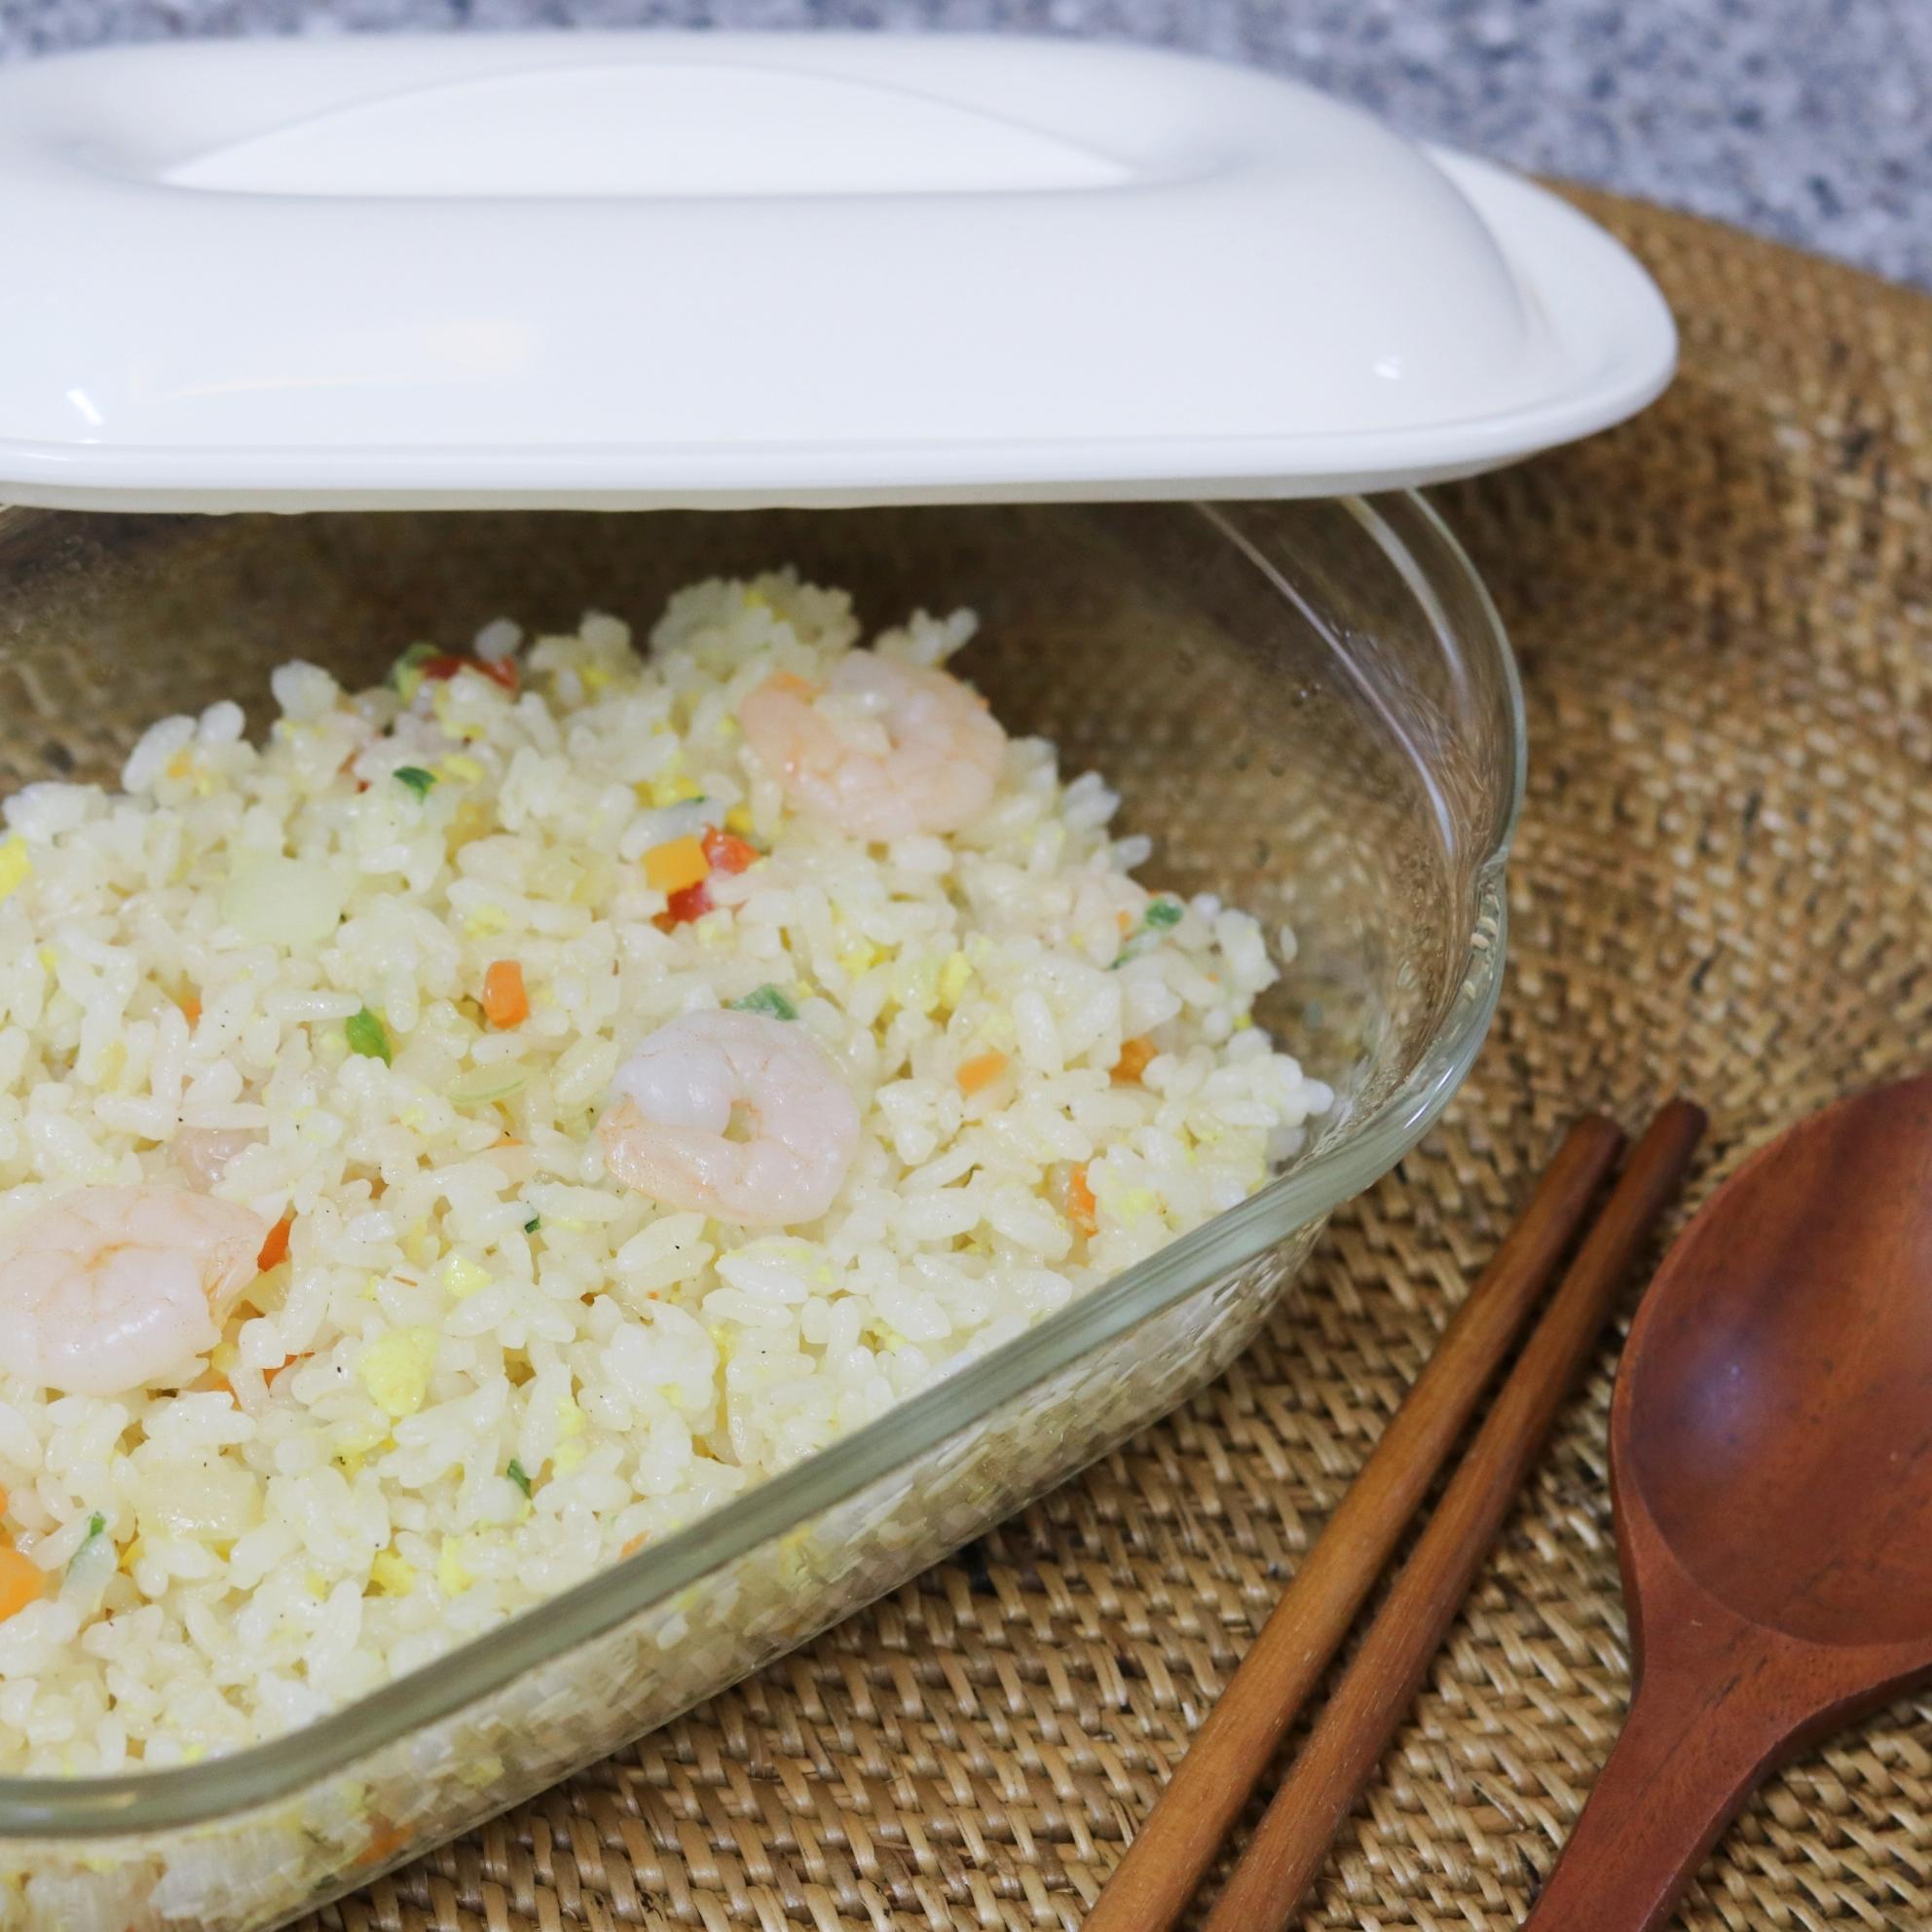 간편식 전용용기로 맛있는 간편요리 새우볶음밥 만들기!